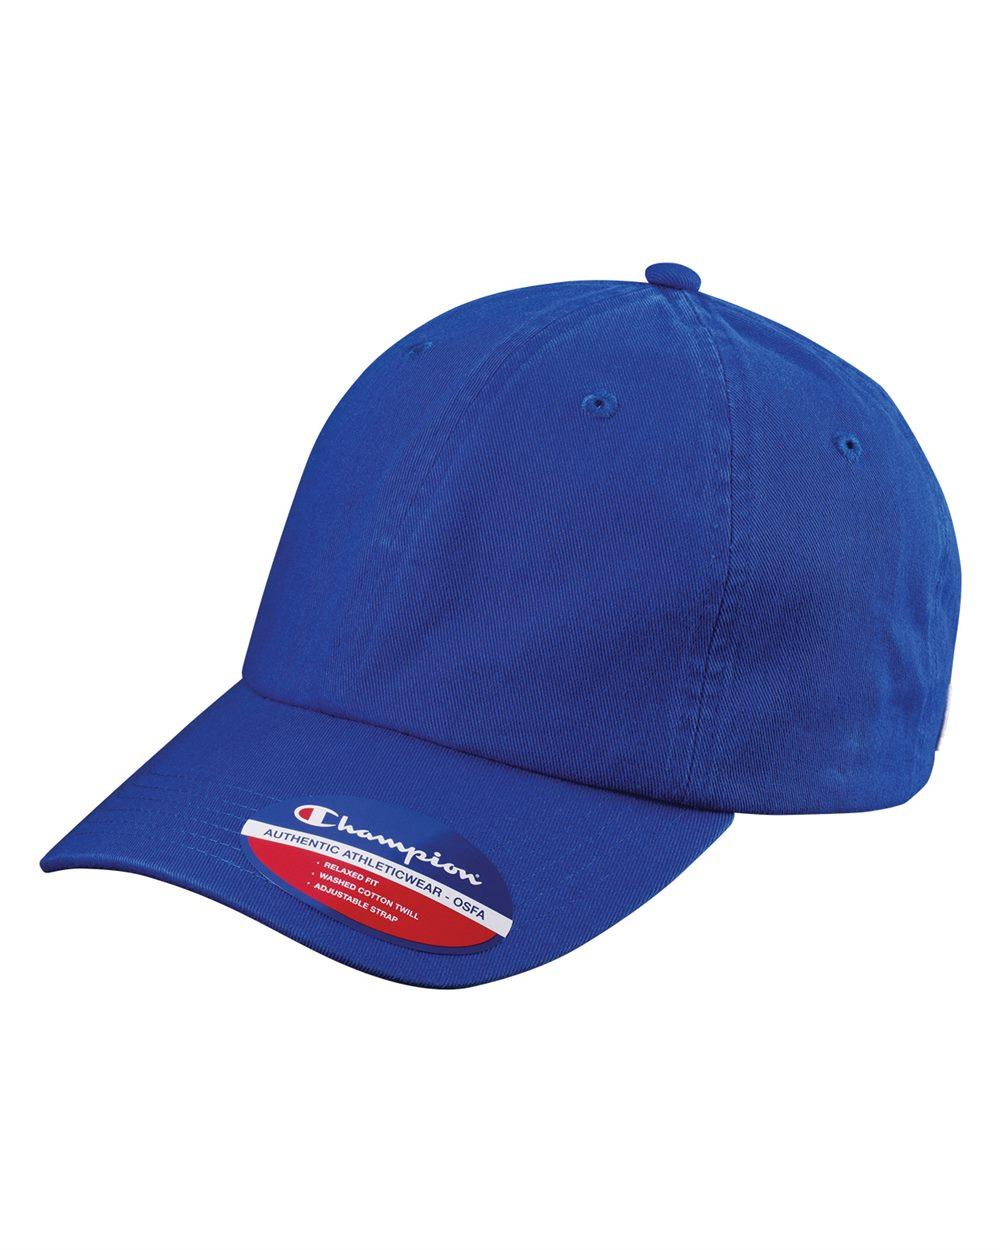 e79291ac Champion CS4000 - Washed Twill Dad Cap $9.36 - Headwear